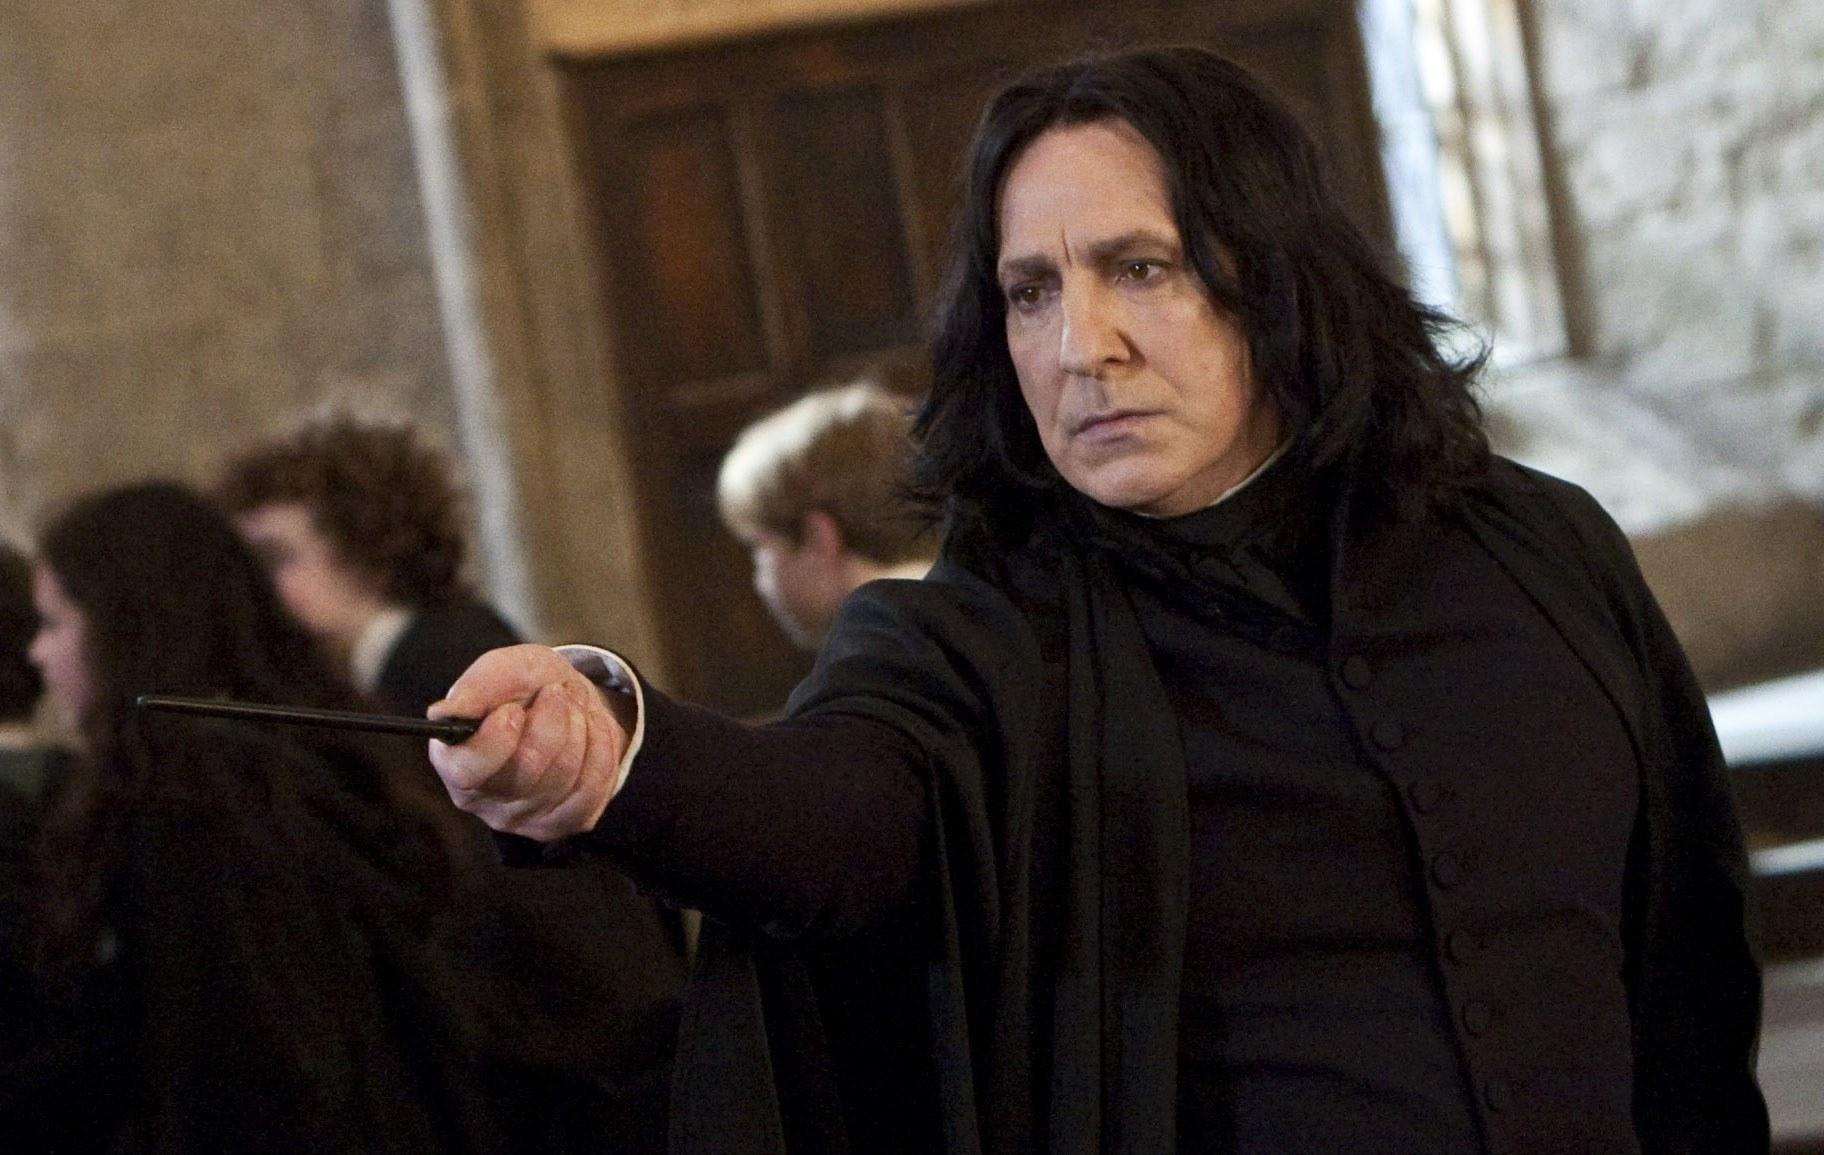 Alan Rickman Harry Potter serisinden Profesör Severus Snape rolünü aldığında 42 yaşındaydı.